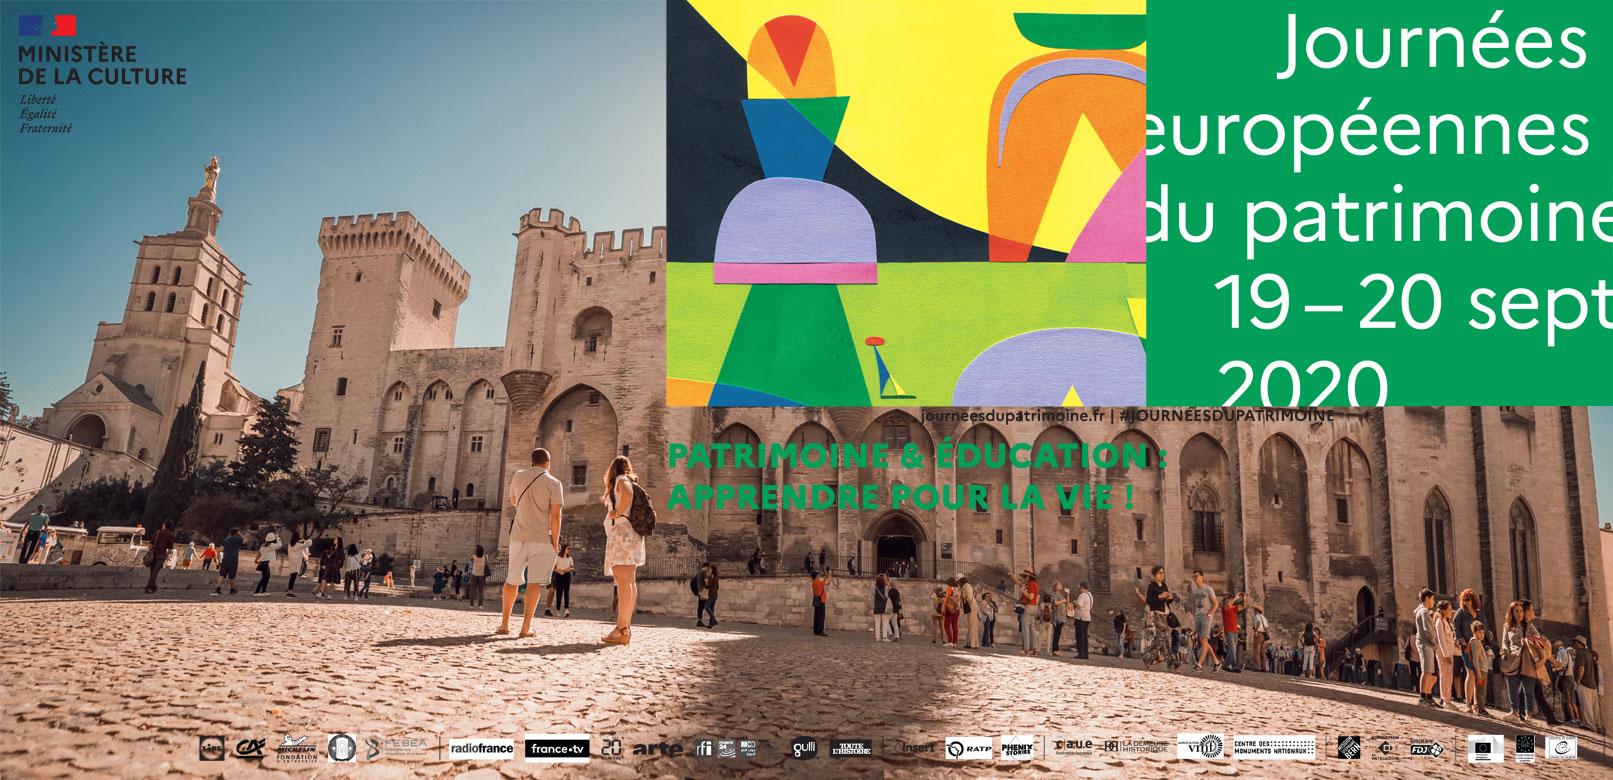 Journées europeennes Patrimoine 2020 @ Planque